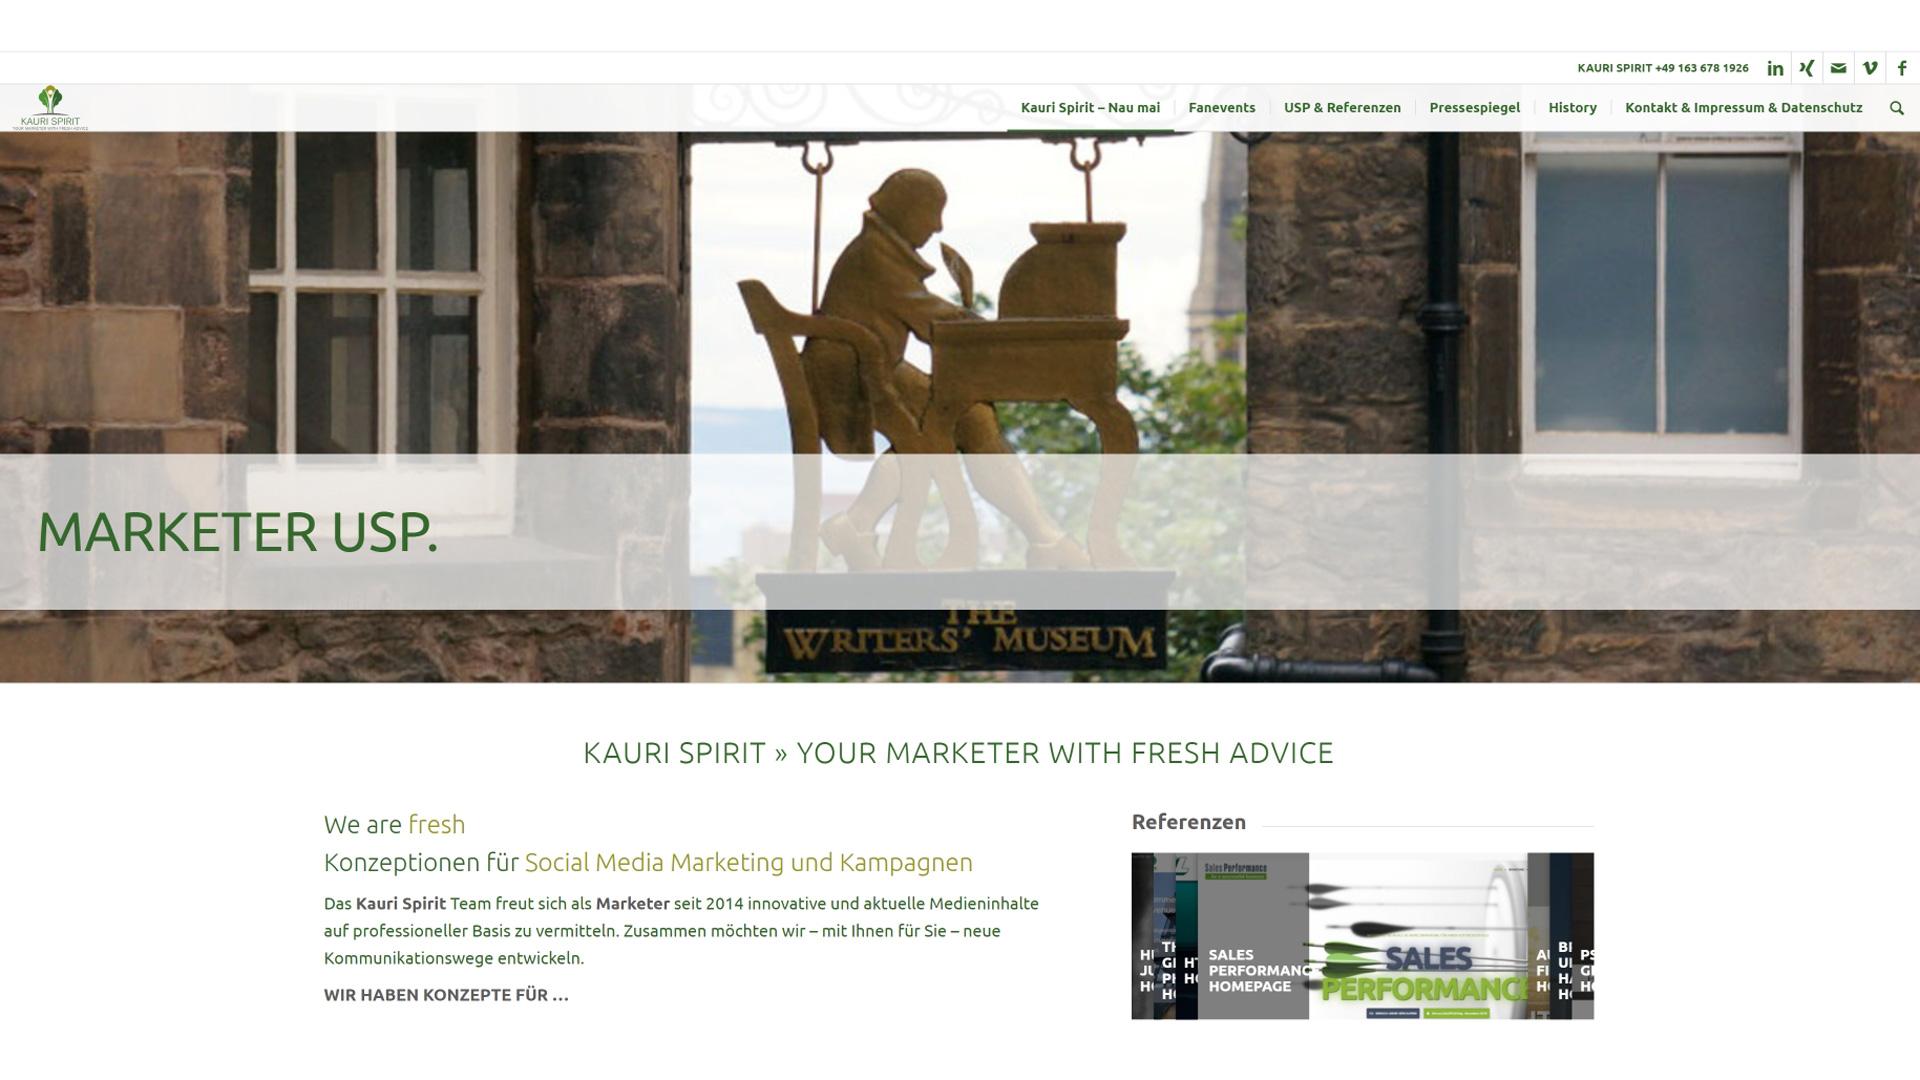 Kauri Spirit Marketer und Kommunikation 2020